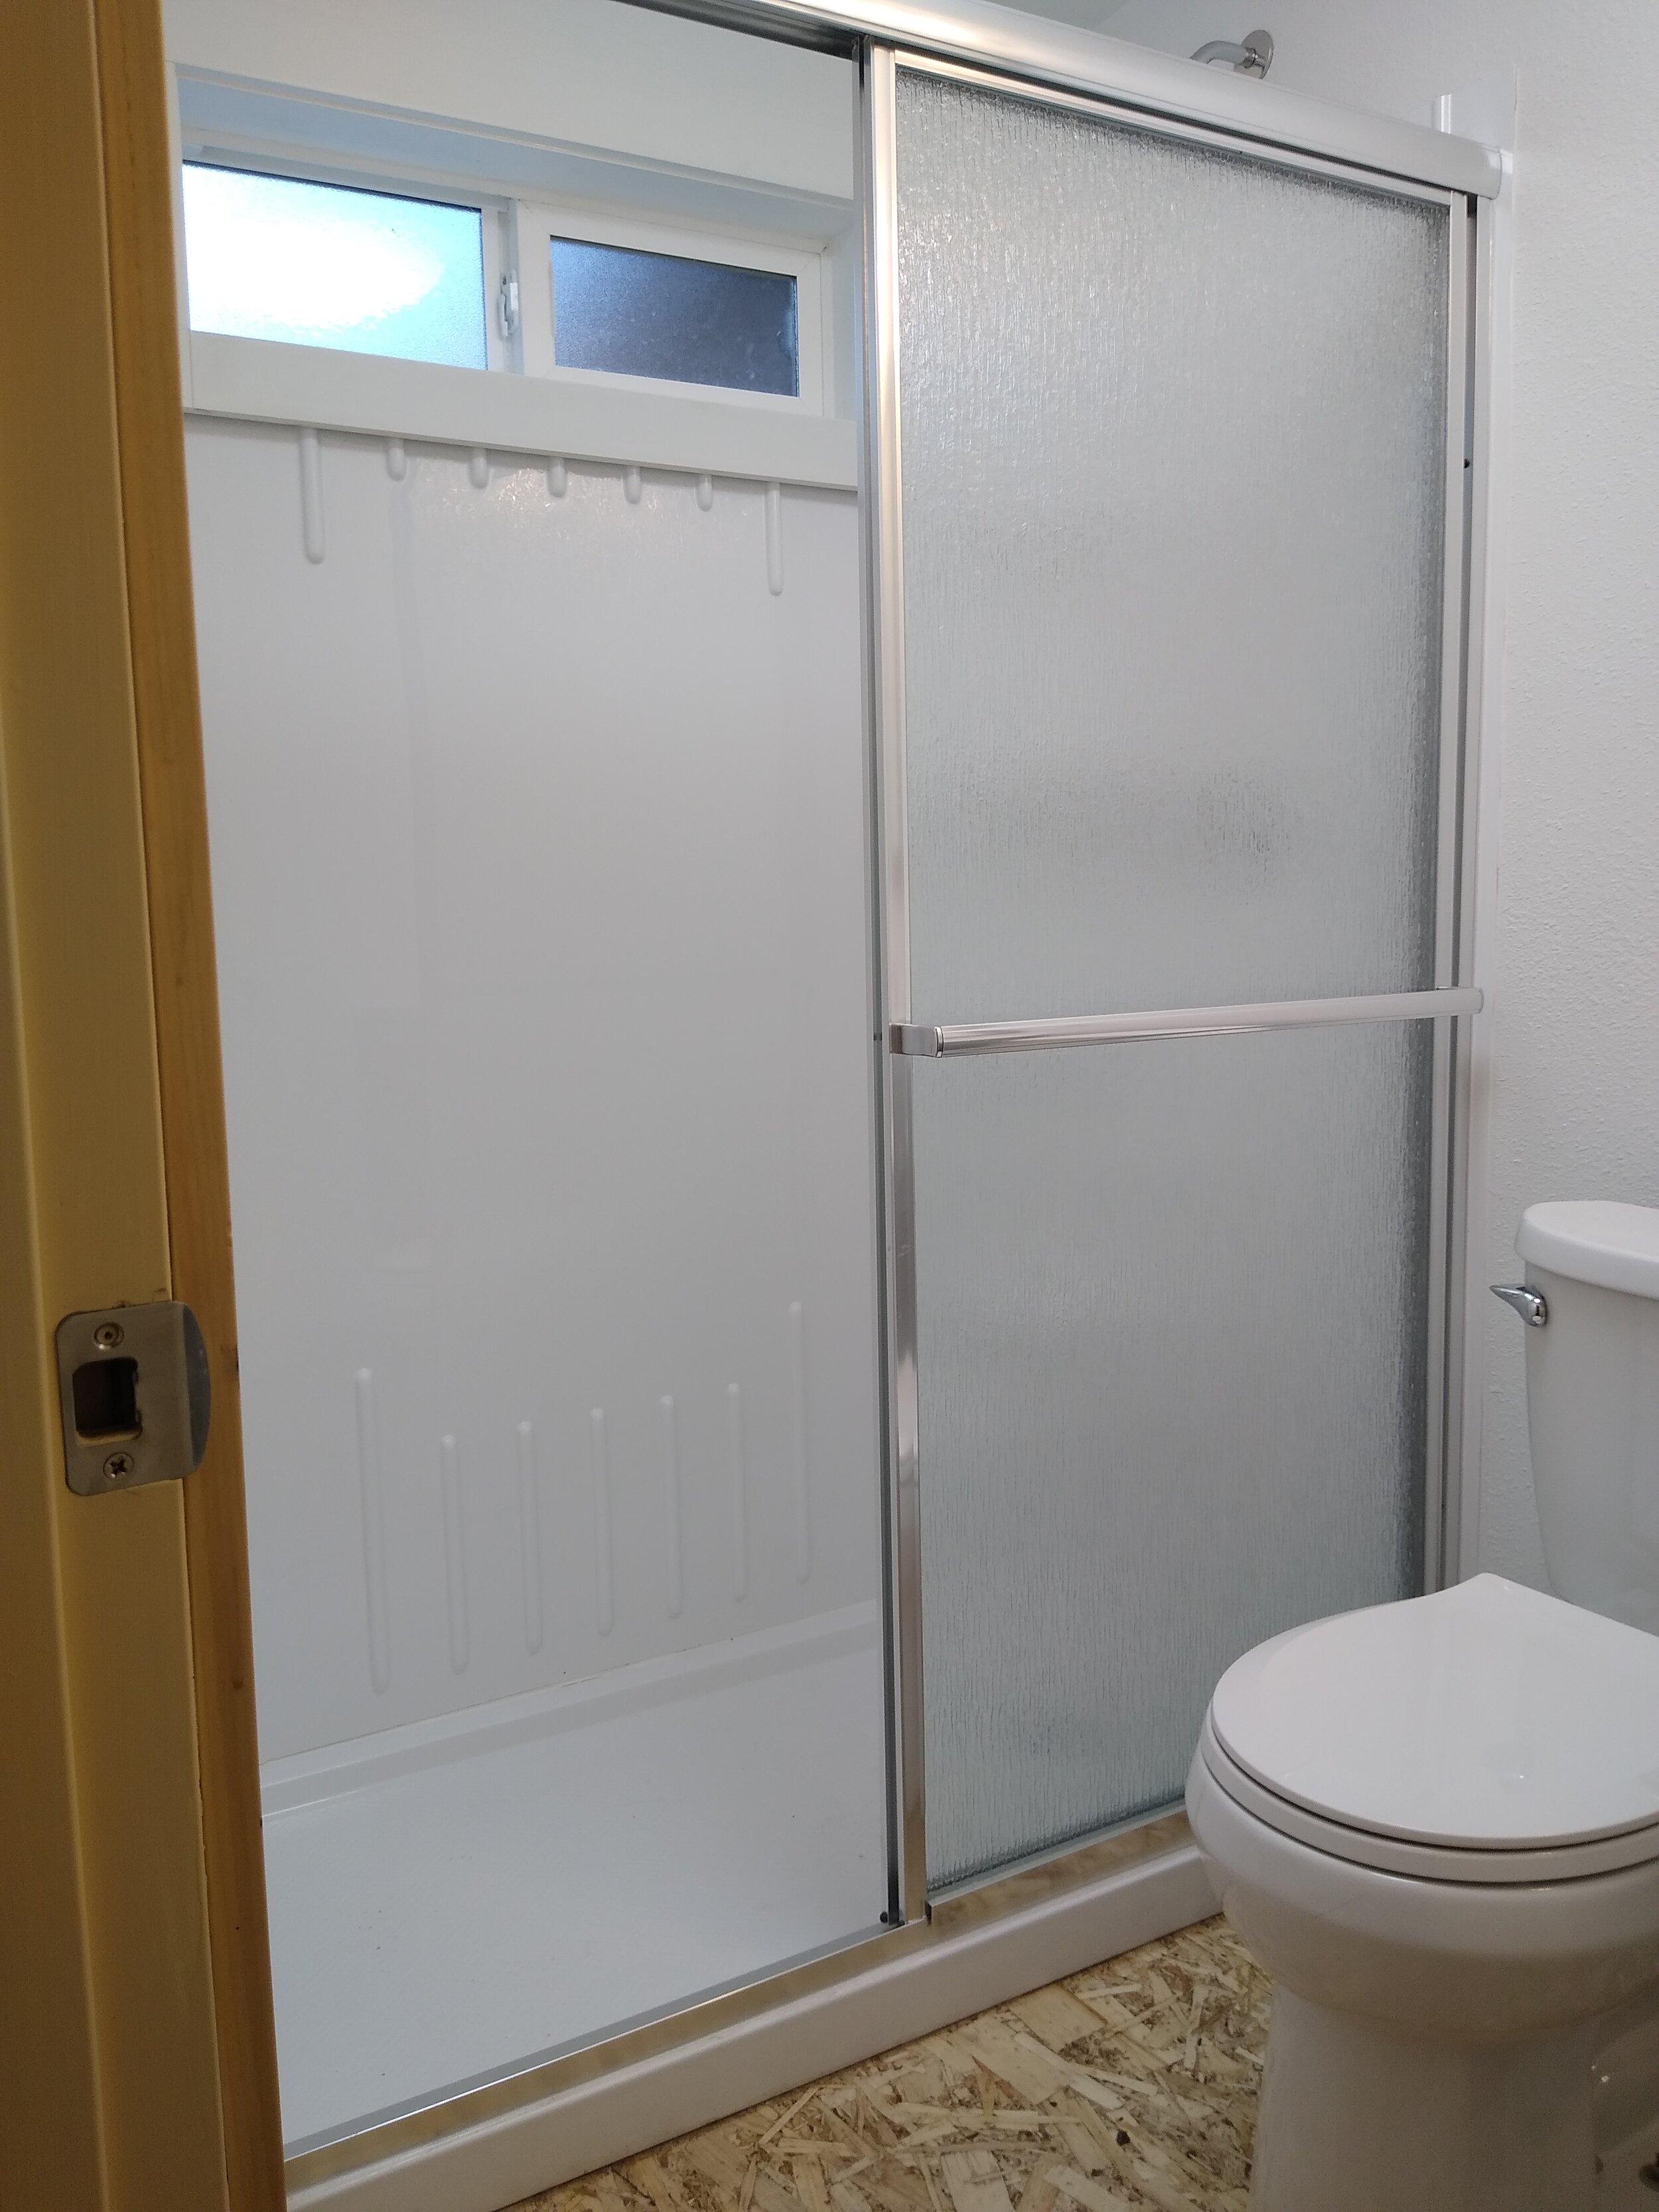 331 mcclaine 1 bedroom (7).jpg